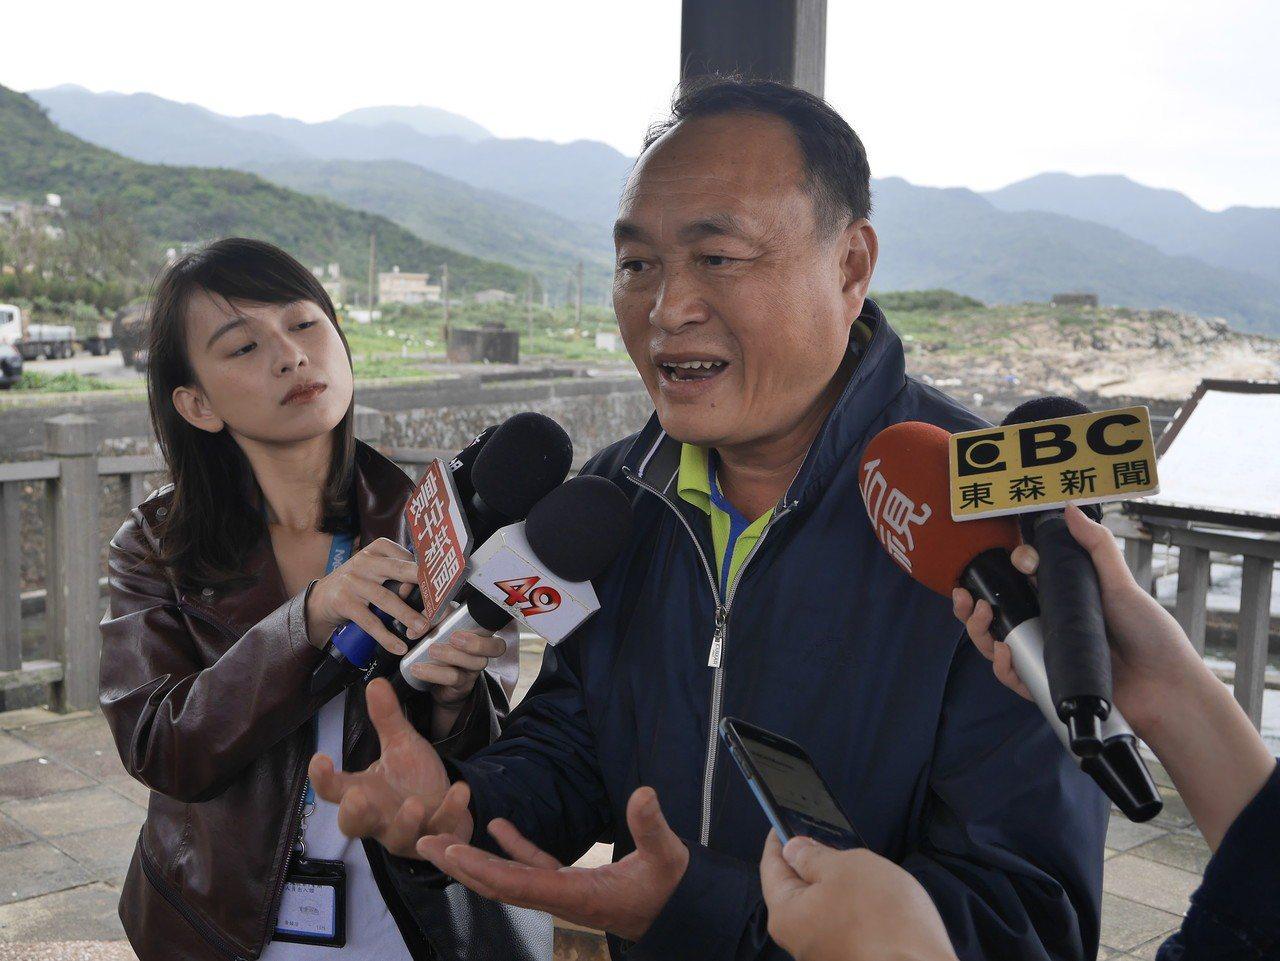 被指散佈假消息,新北市鮑魚生產合作社理事主席吳勝福氣炸了,吳勝福說,產地如果不是...